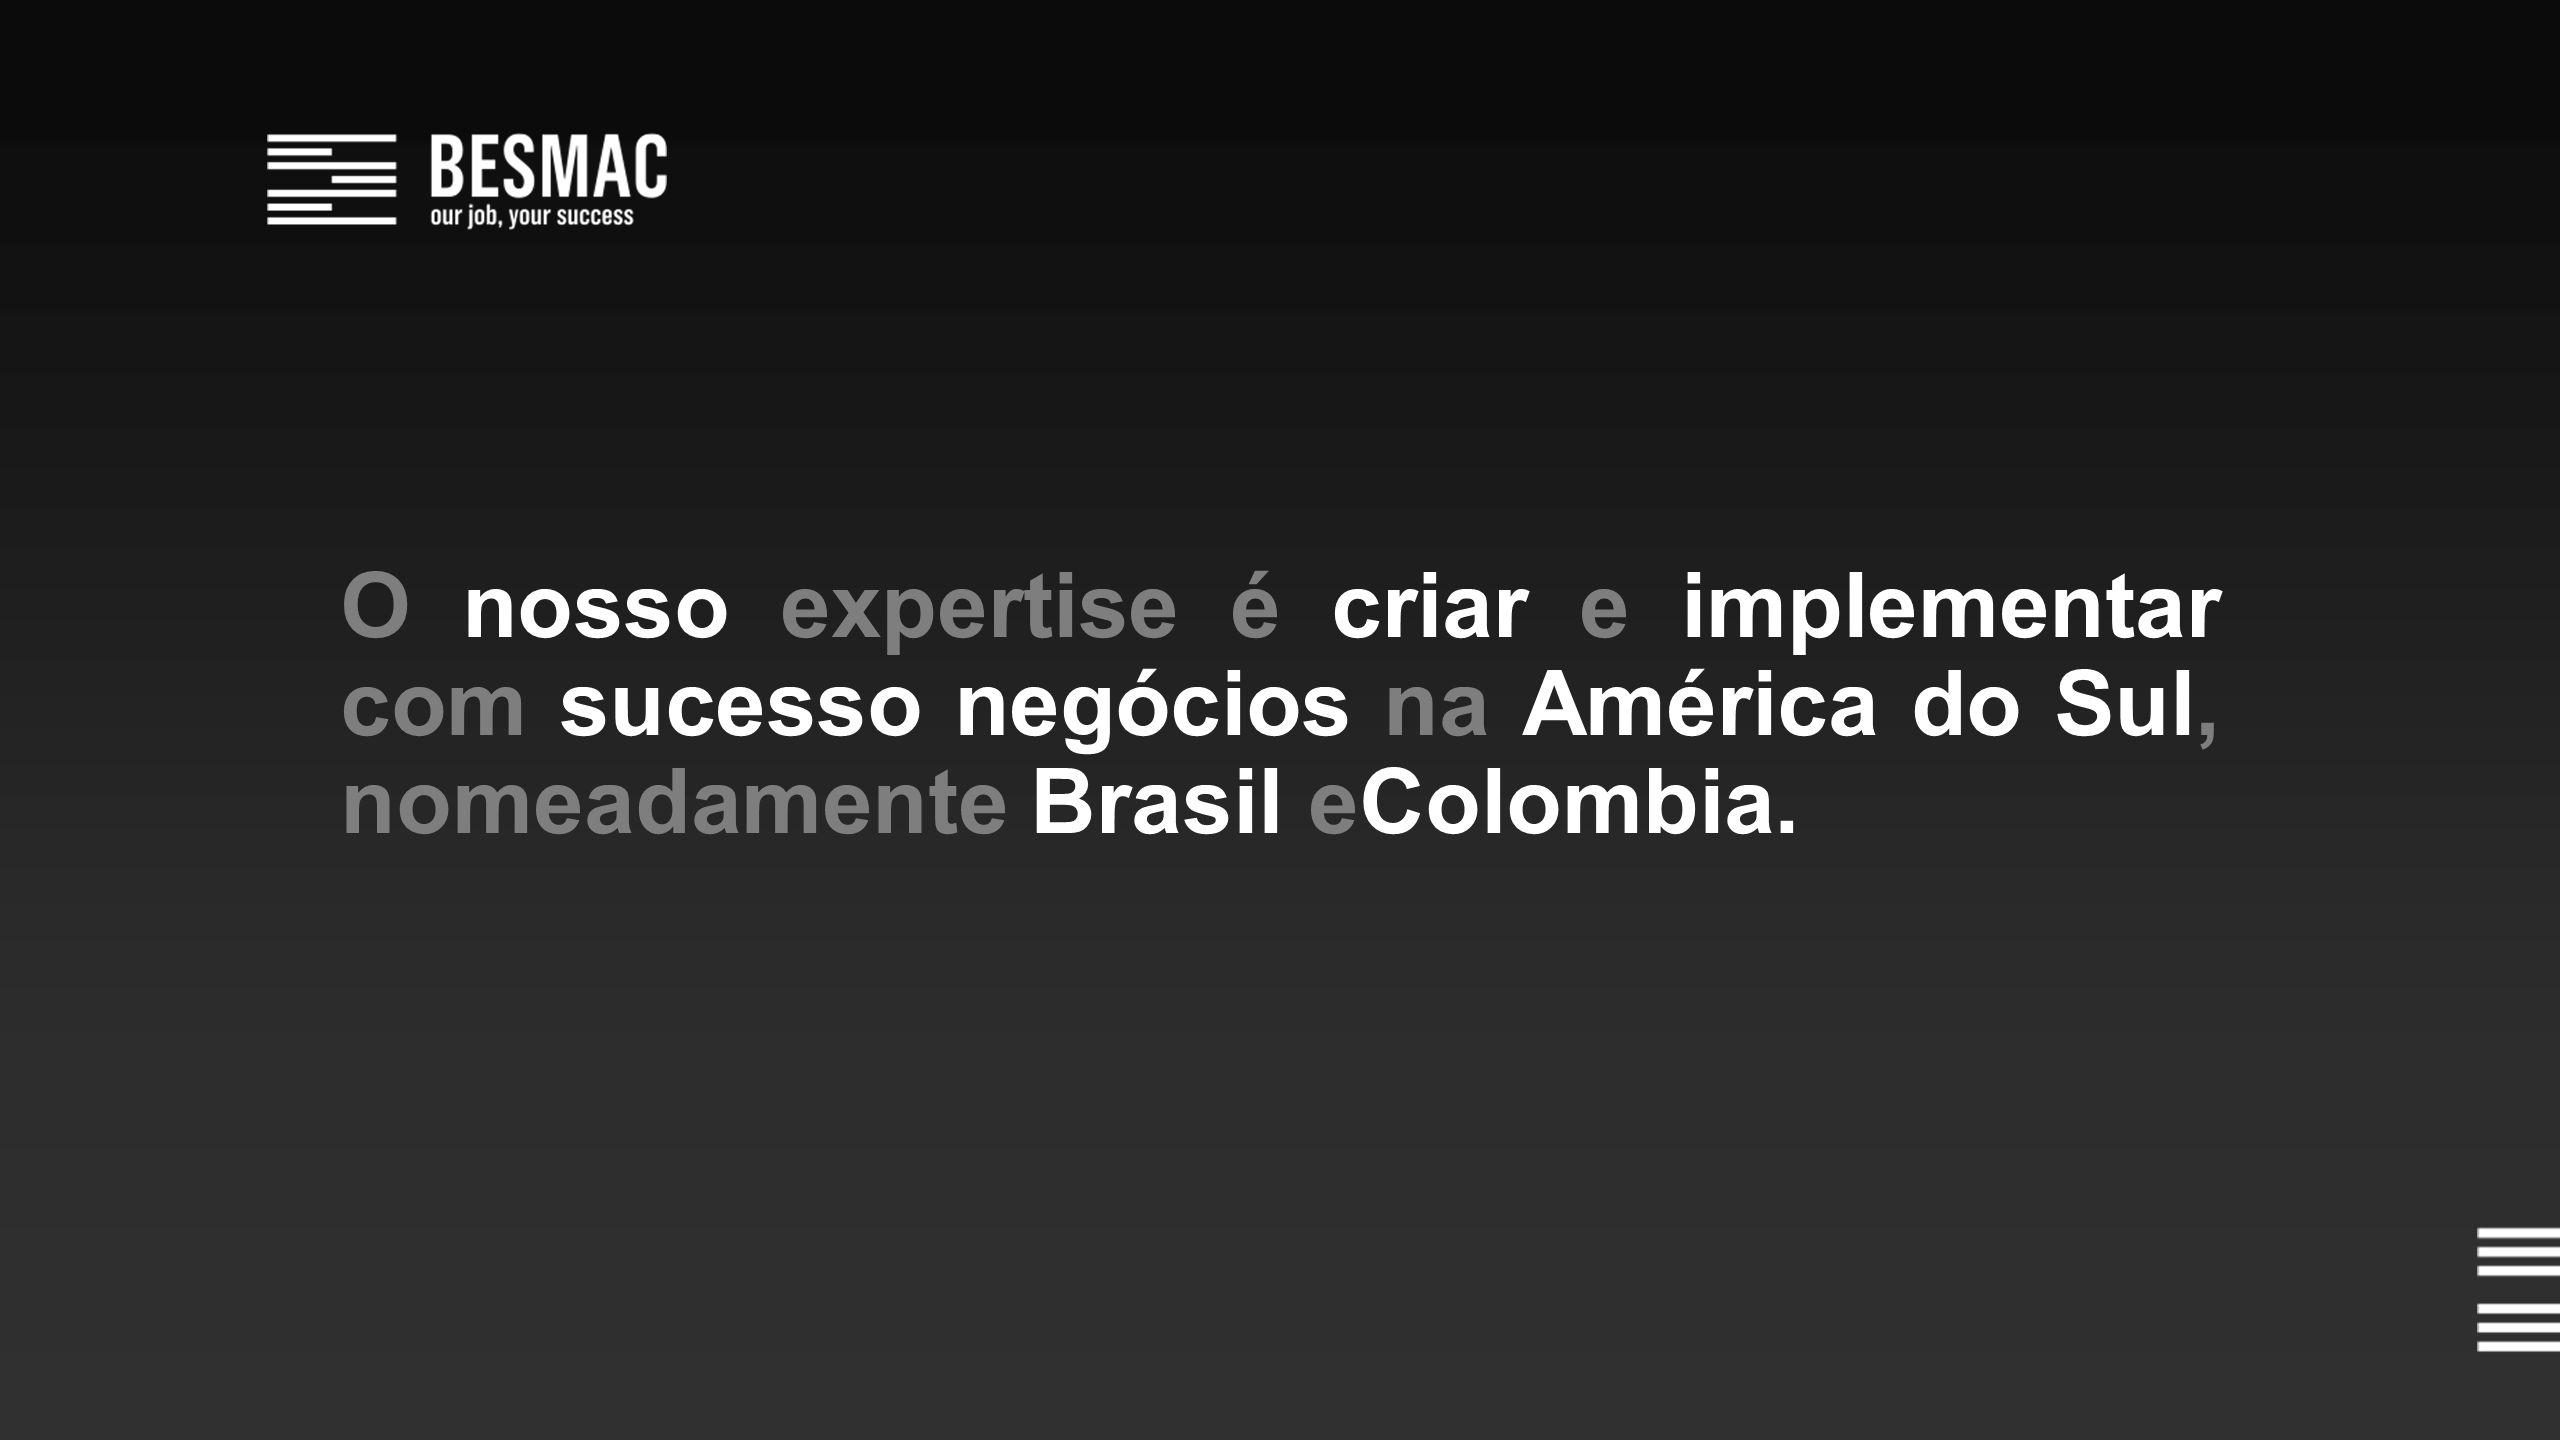 O nosso expertise é criar e implementar com sucesso negócios na América do Sul, nomeadamente Brasil eColombia.